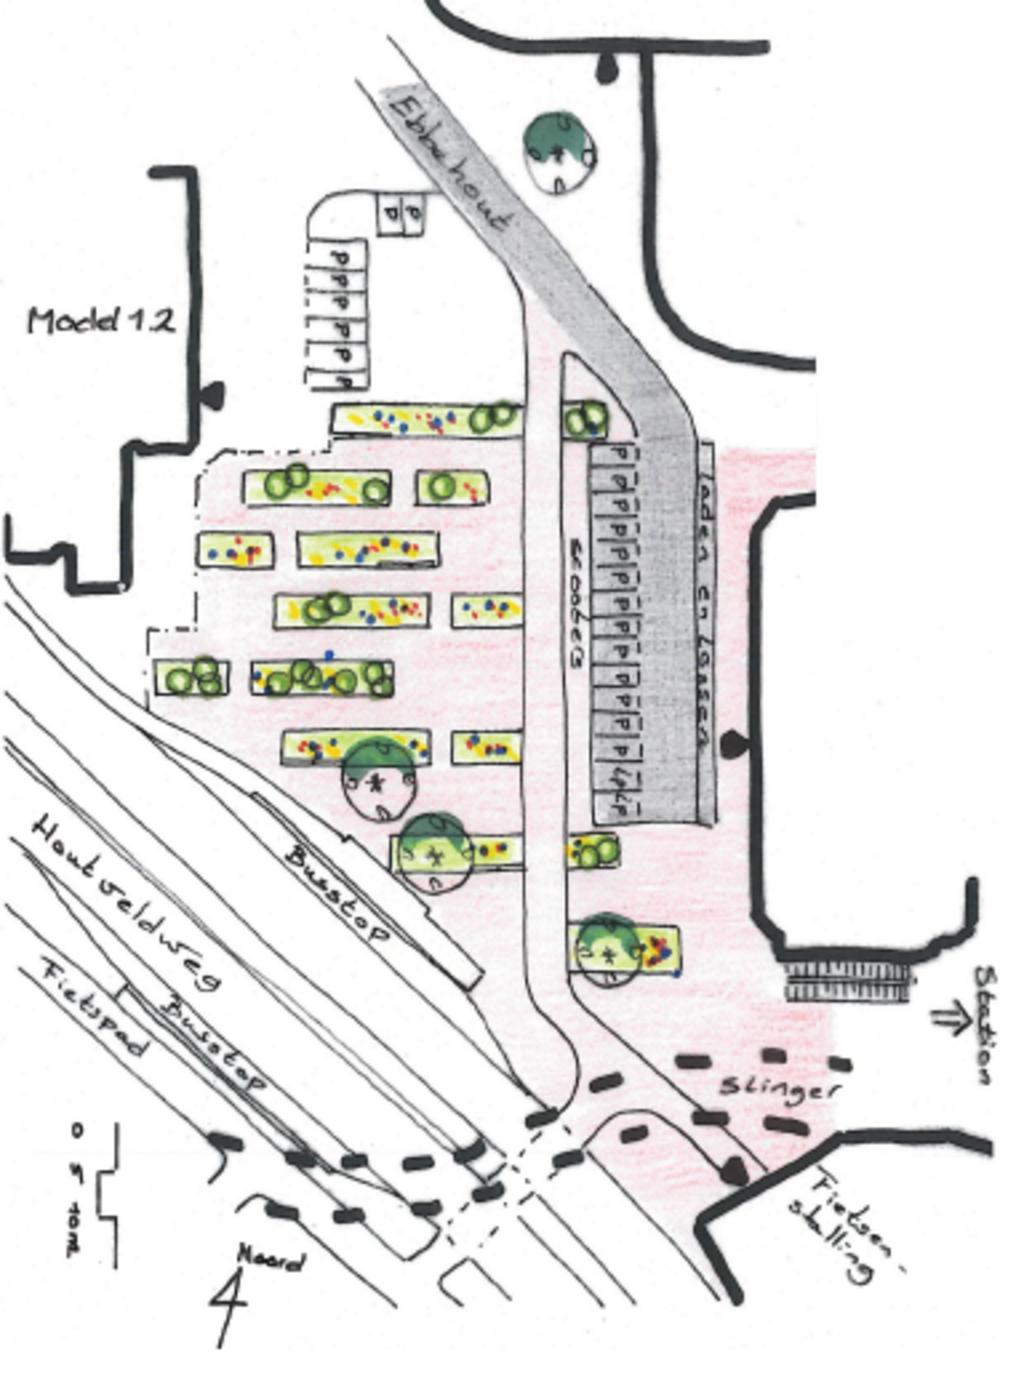 <p>De ontwerpen waarop gestemd kan worden: plan A (links) Parkstroken en plan B (rechts) Parkheuvels. </p> <p>(Tekening: aangeleverd)</p> © rodi